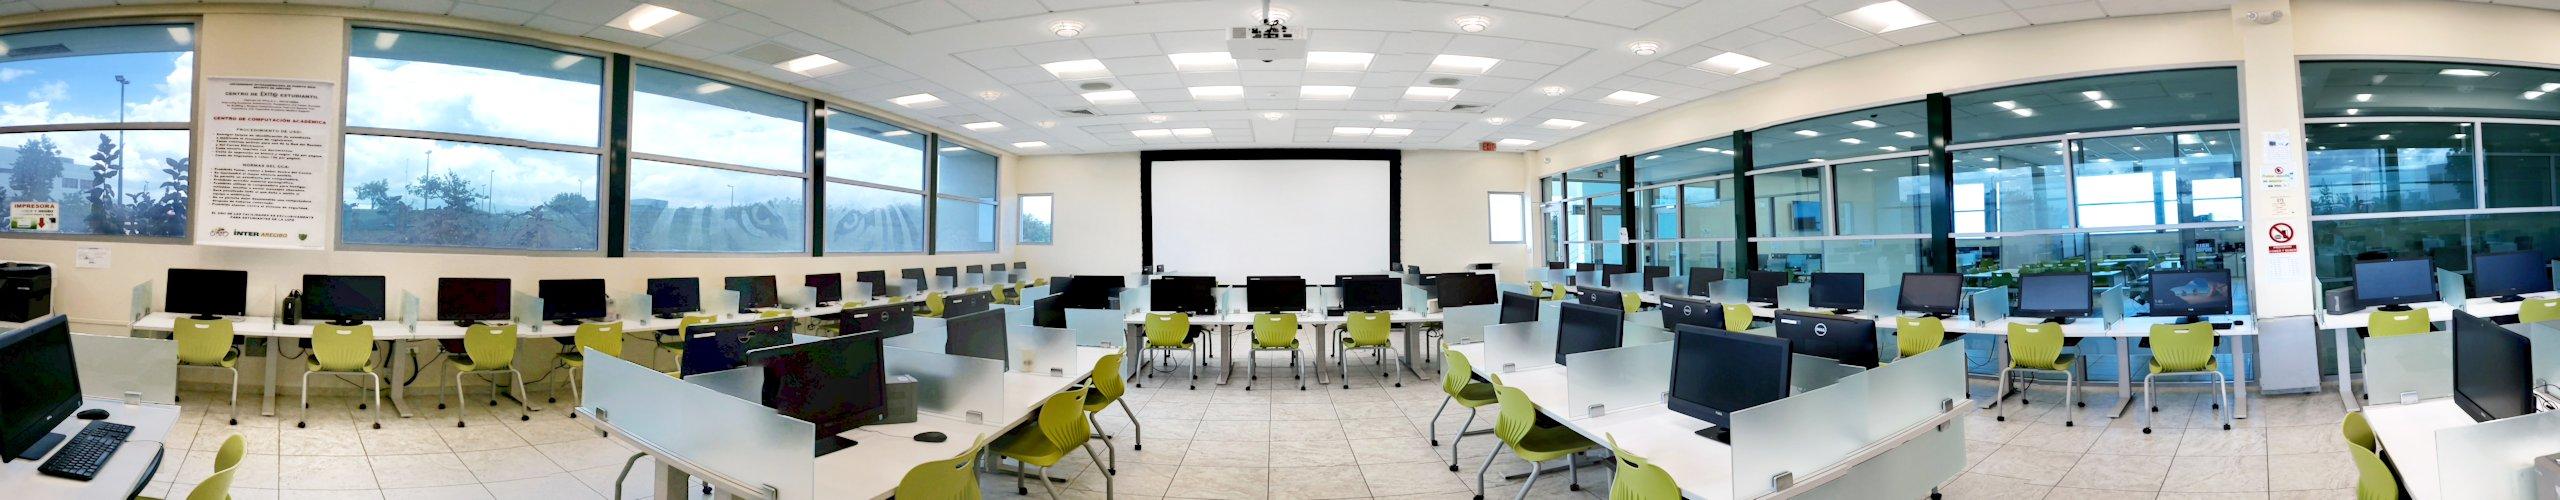 Imagen del Centro de Computación Académica